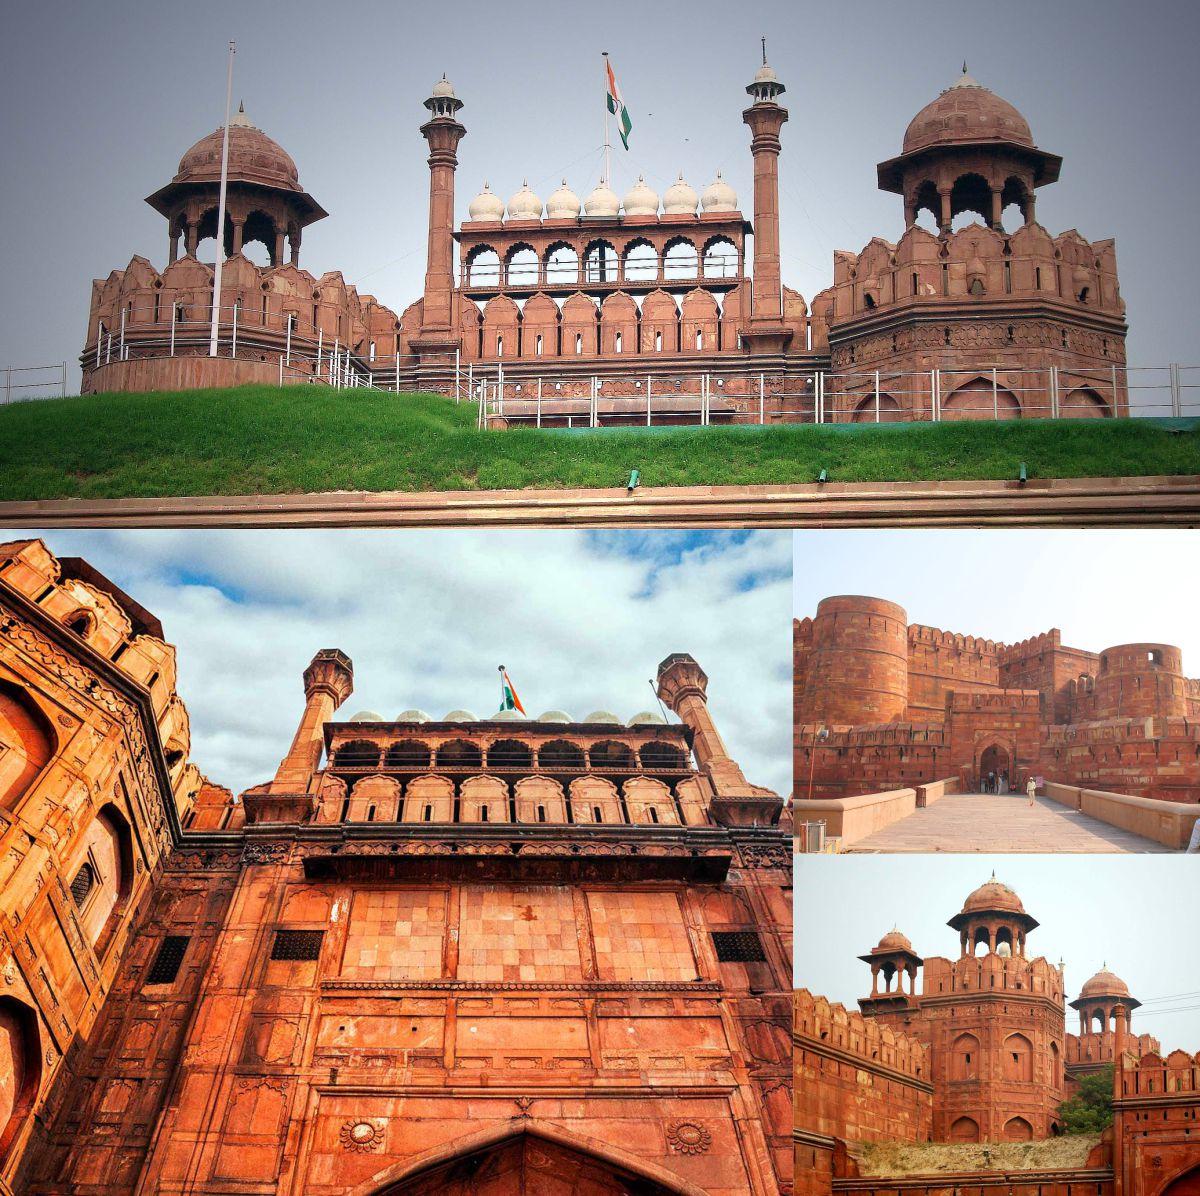 grandes-templos-da-india-mahabalipuram-gangaikonda-cholapuram-taj-mahal-qutub-minar-akshardham-lal-qilah-viagem-nosso-blog-6.jpg